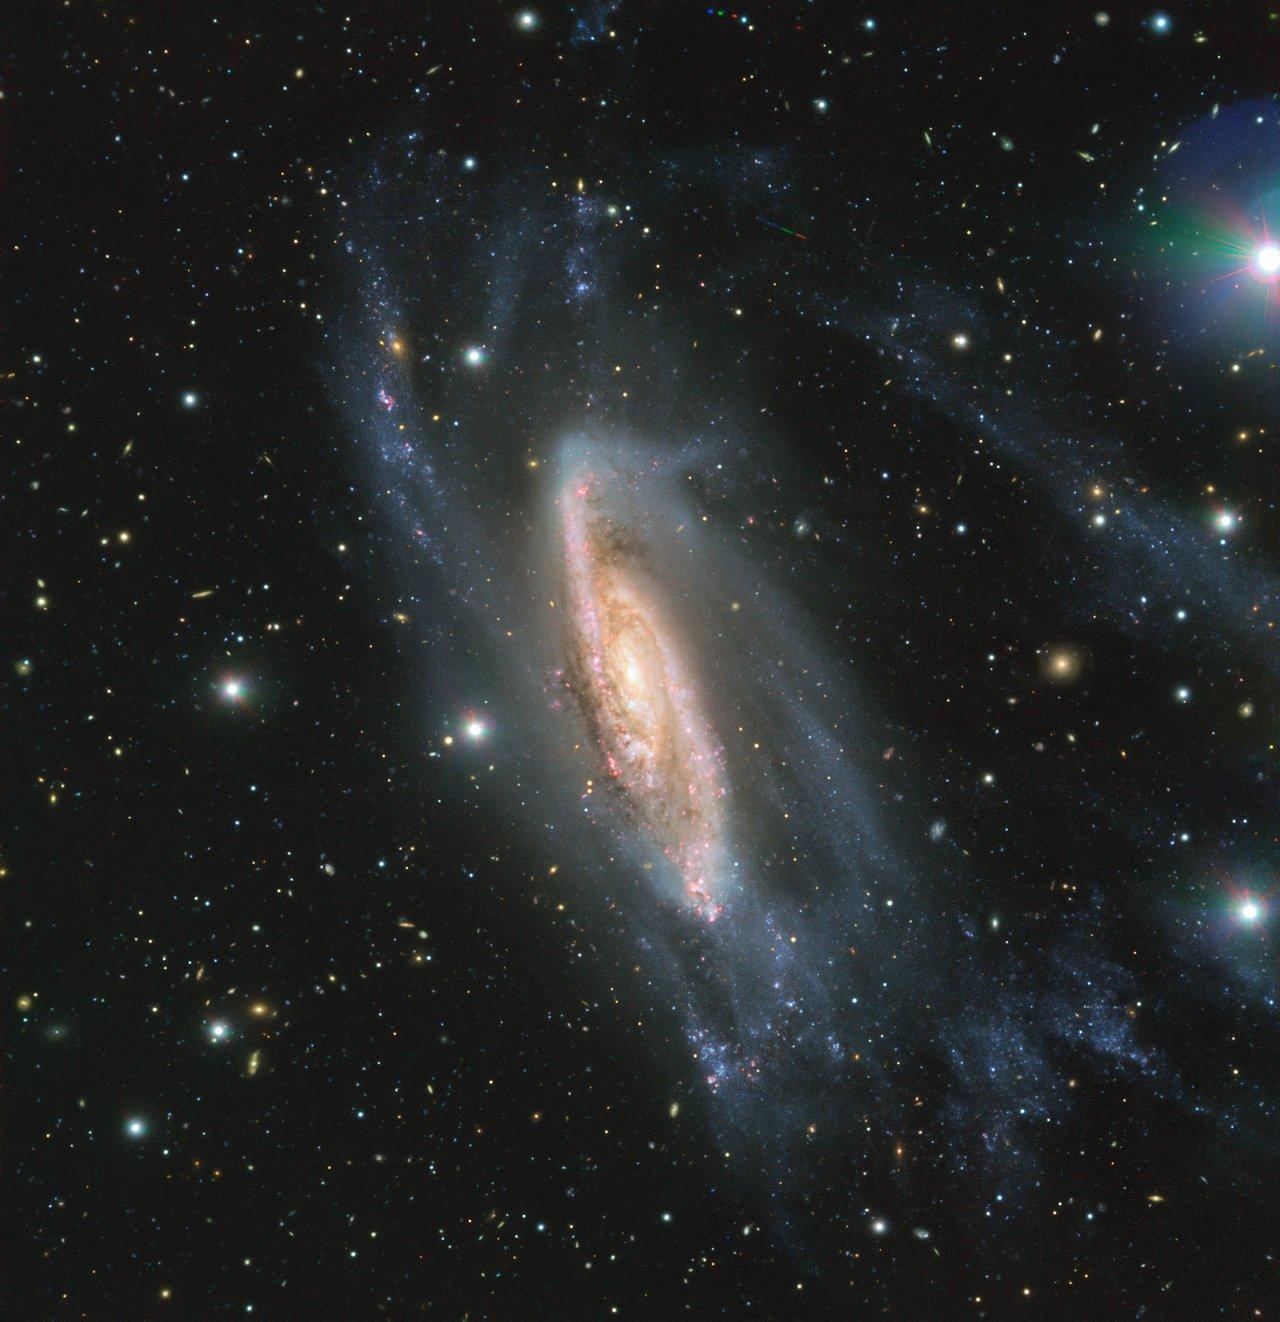 Fantastisk billede af galaksen NGC3981 taget af ESOs VLT med det nye FORS instrument